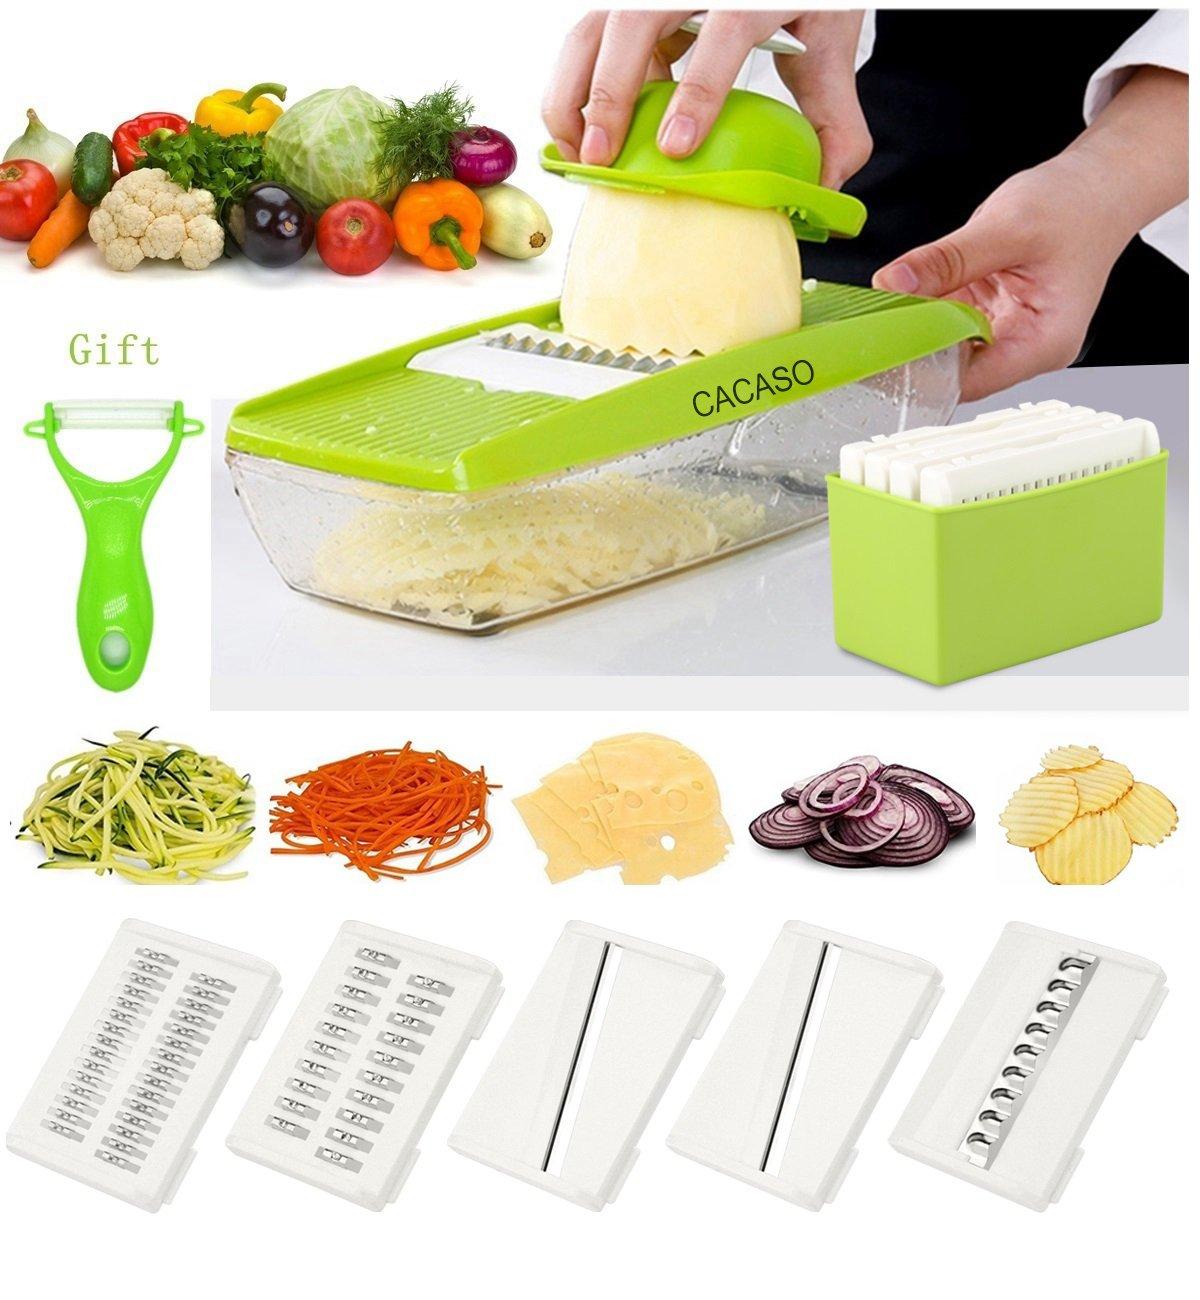 Amazon.com: Mandoline Slicer+Peeler, Kitchen Vegetable Slicer ...